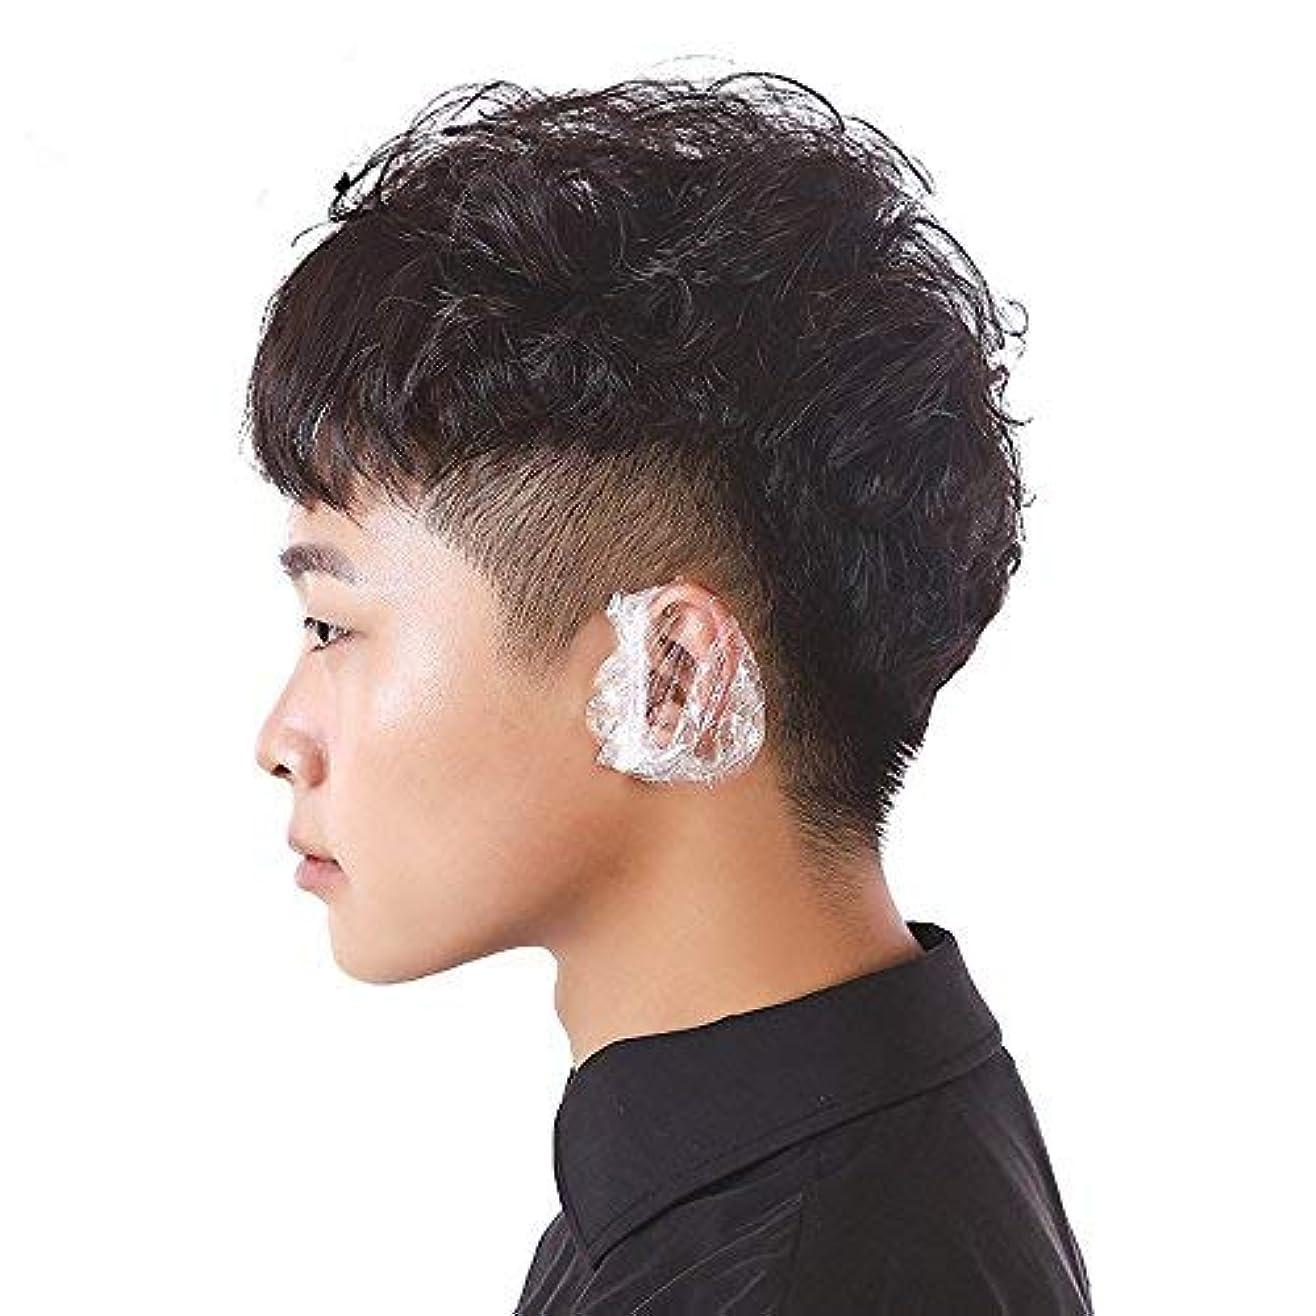 バレエ熱意パパMilent イヤーキャップ 耳カバー 使い捨て 簡単 装着 衛生的 透明 毛染め 100pcs